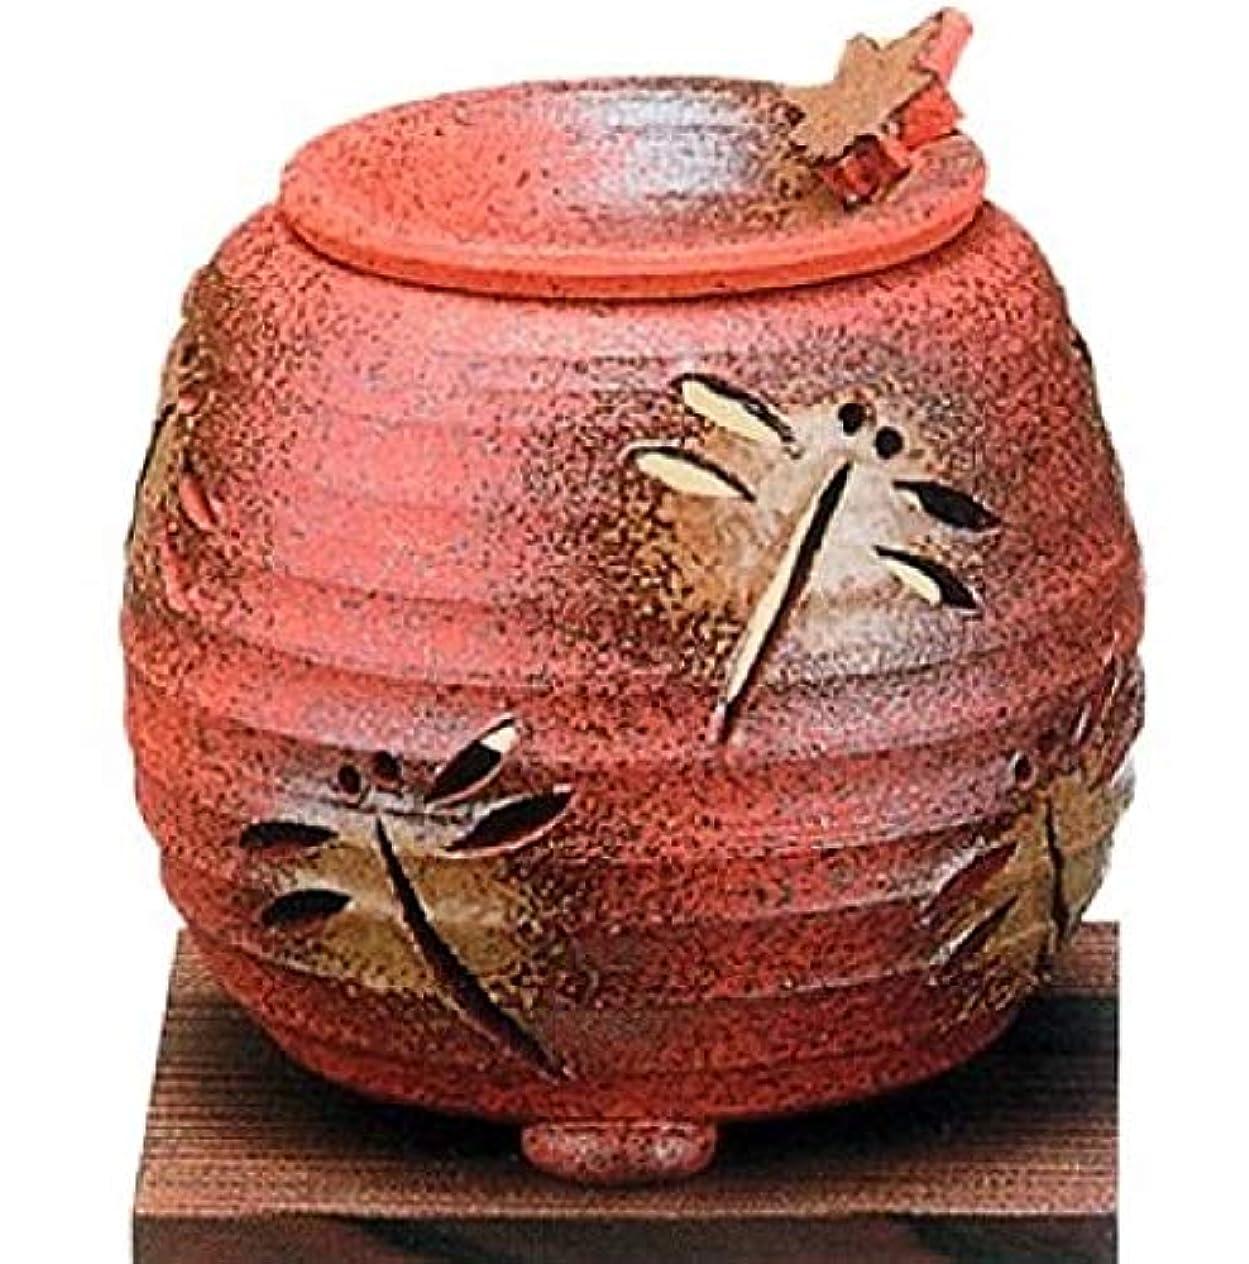 ねばねばリップ許容できる【常滑焼】石龍 焼〆千段トンボ茶香炉   千段トンボ透かし  φ11×H11㎝ 3-830